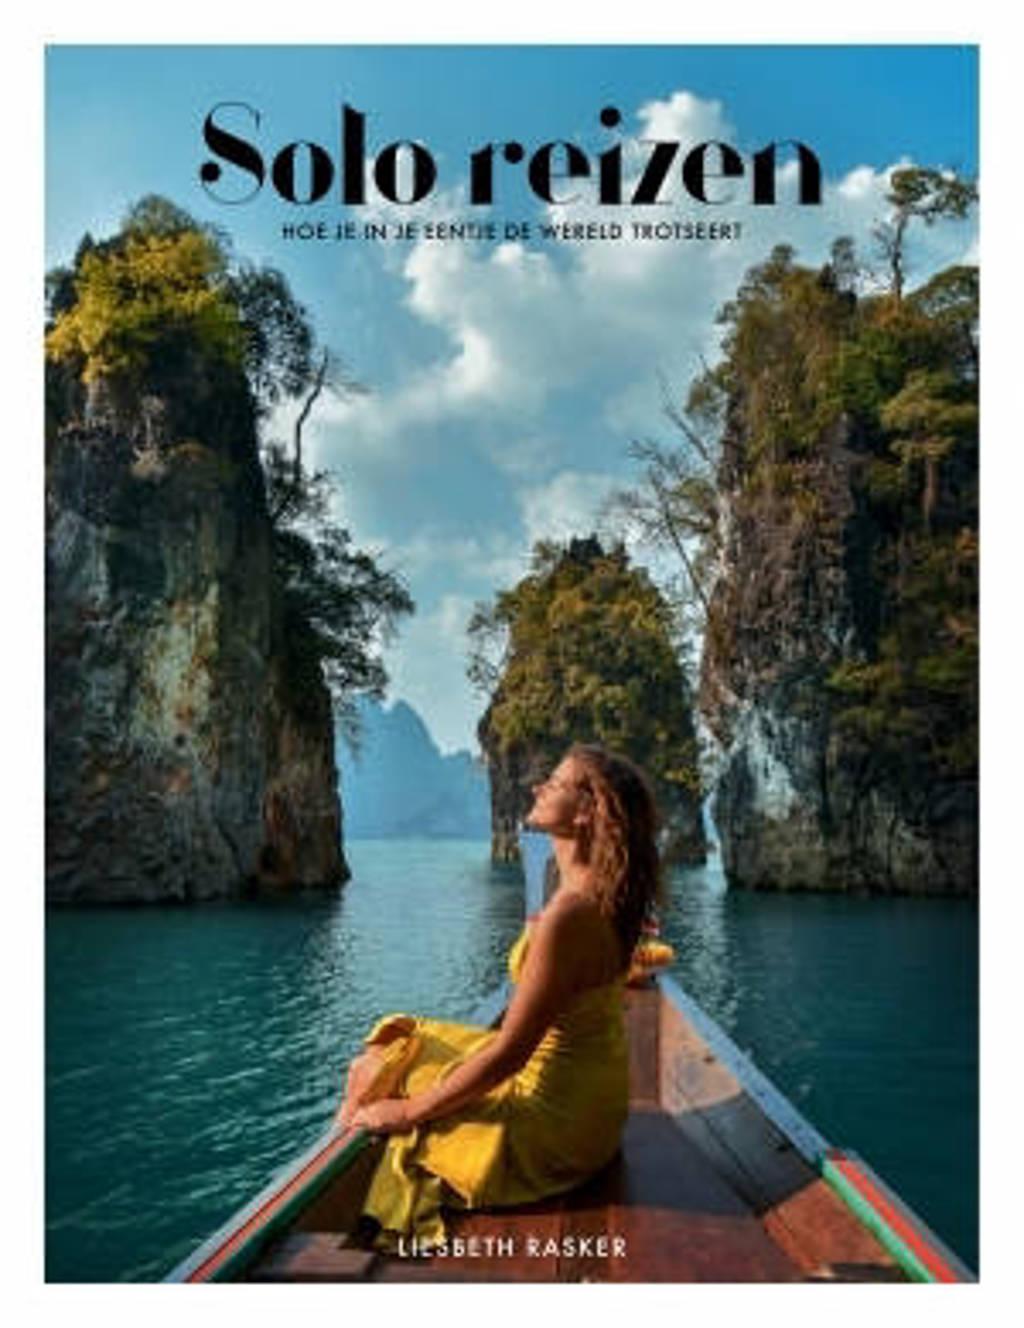 Solo reizen - Liesbeth Rasker